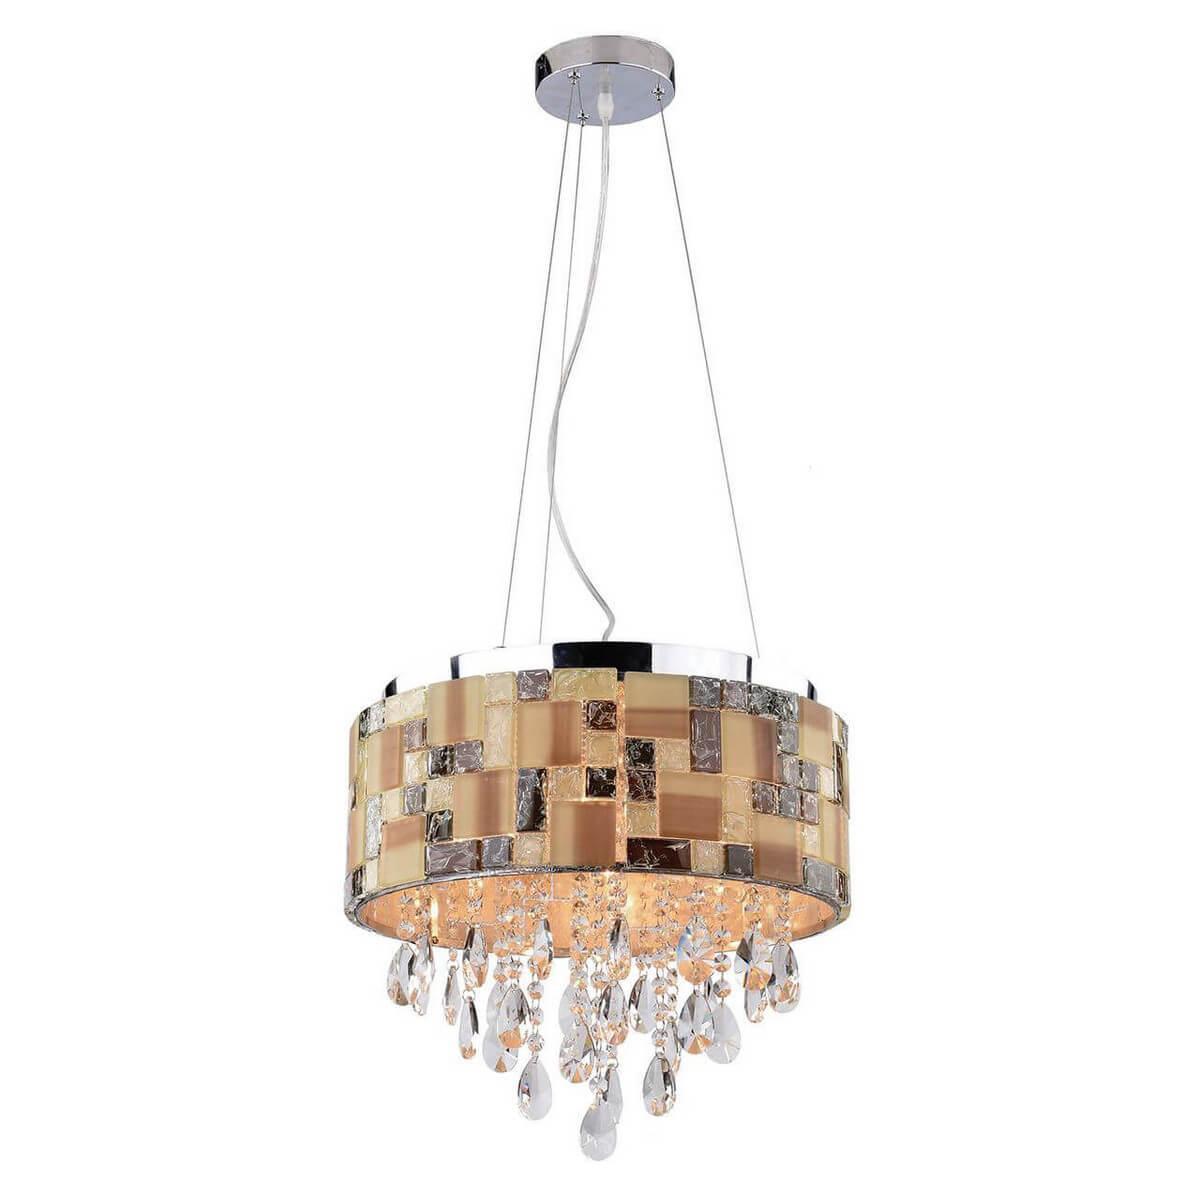 Подвесной светильник Lussole LSP-0196, E14, 60 Вт lgo lsp 0196